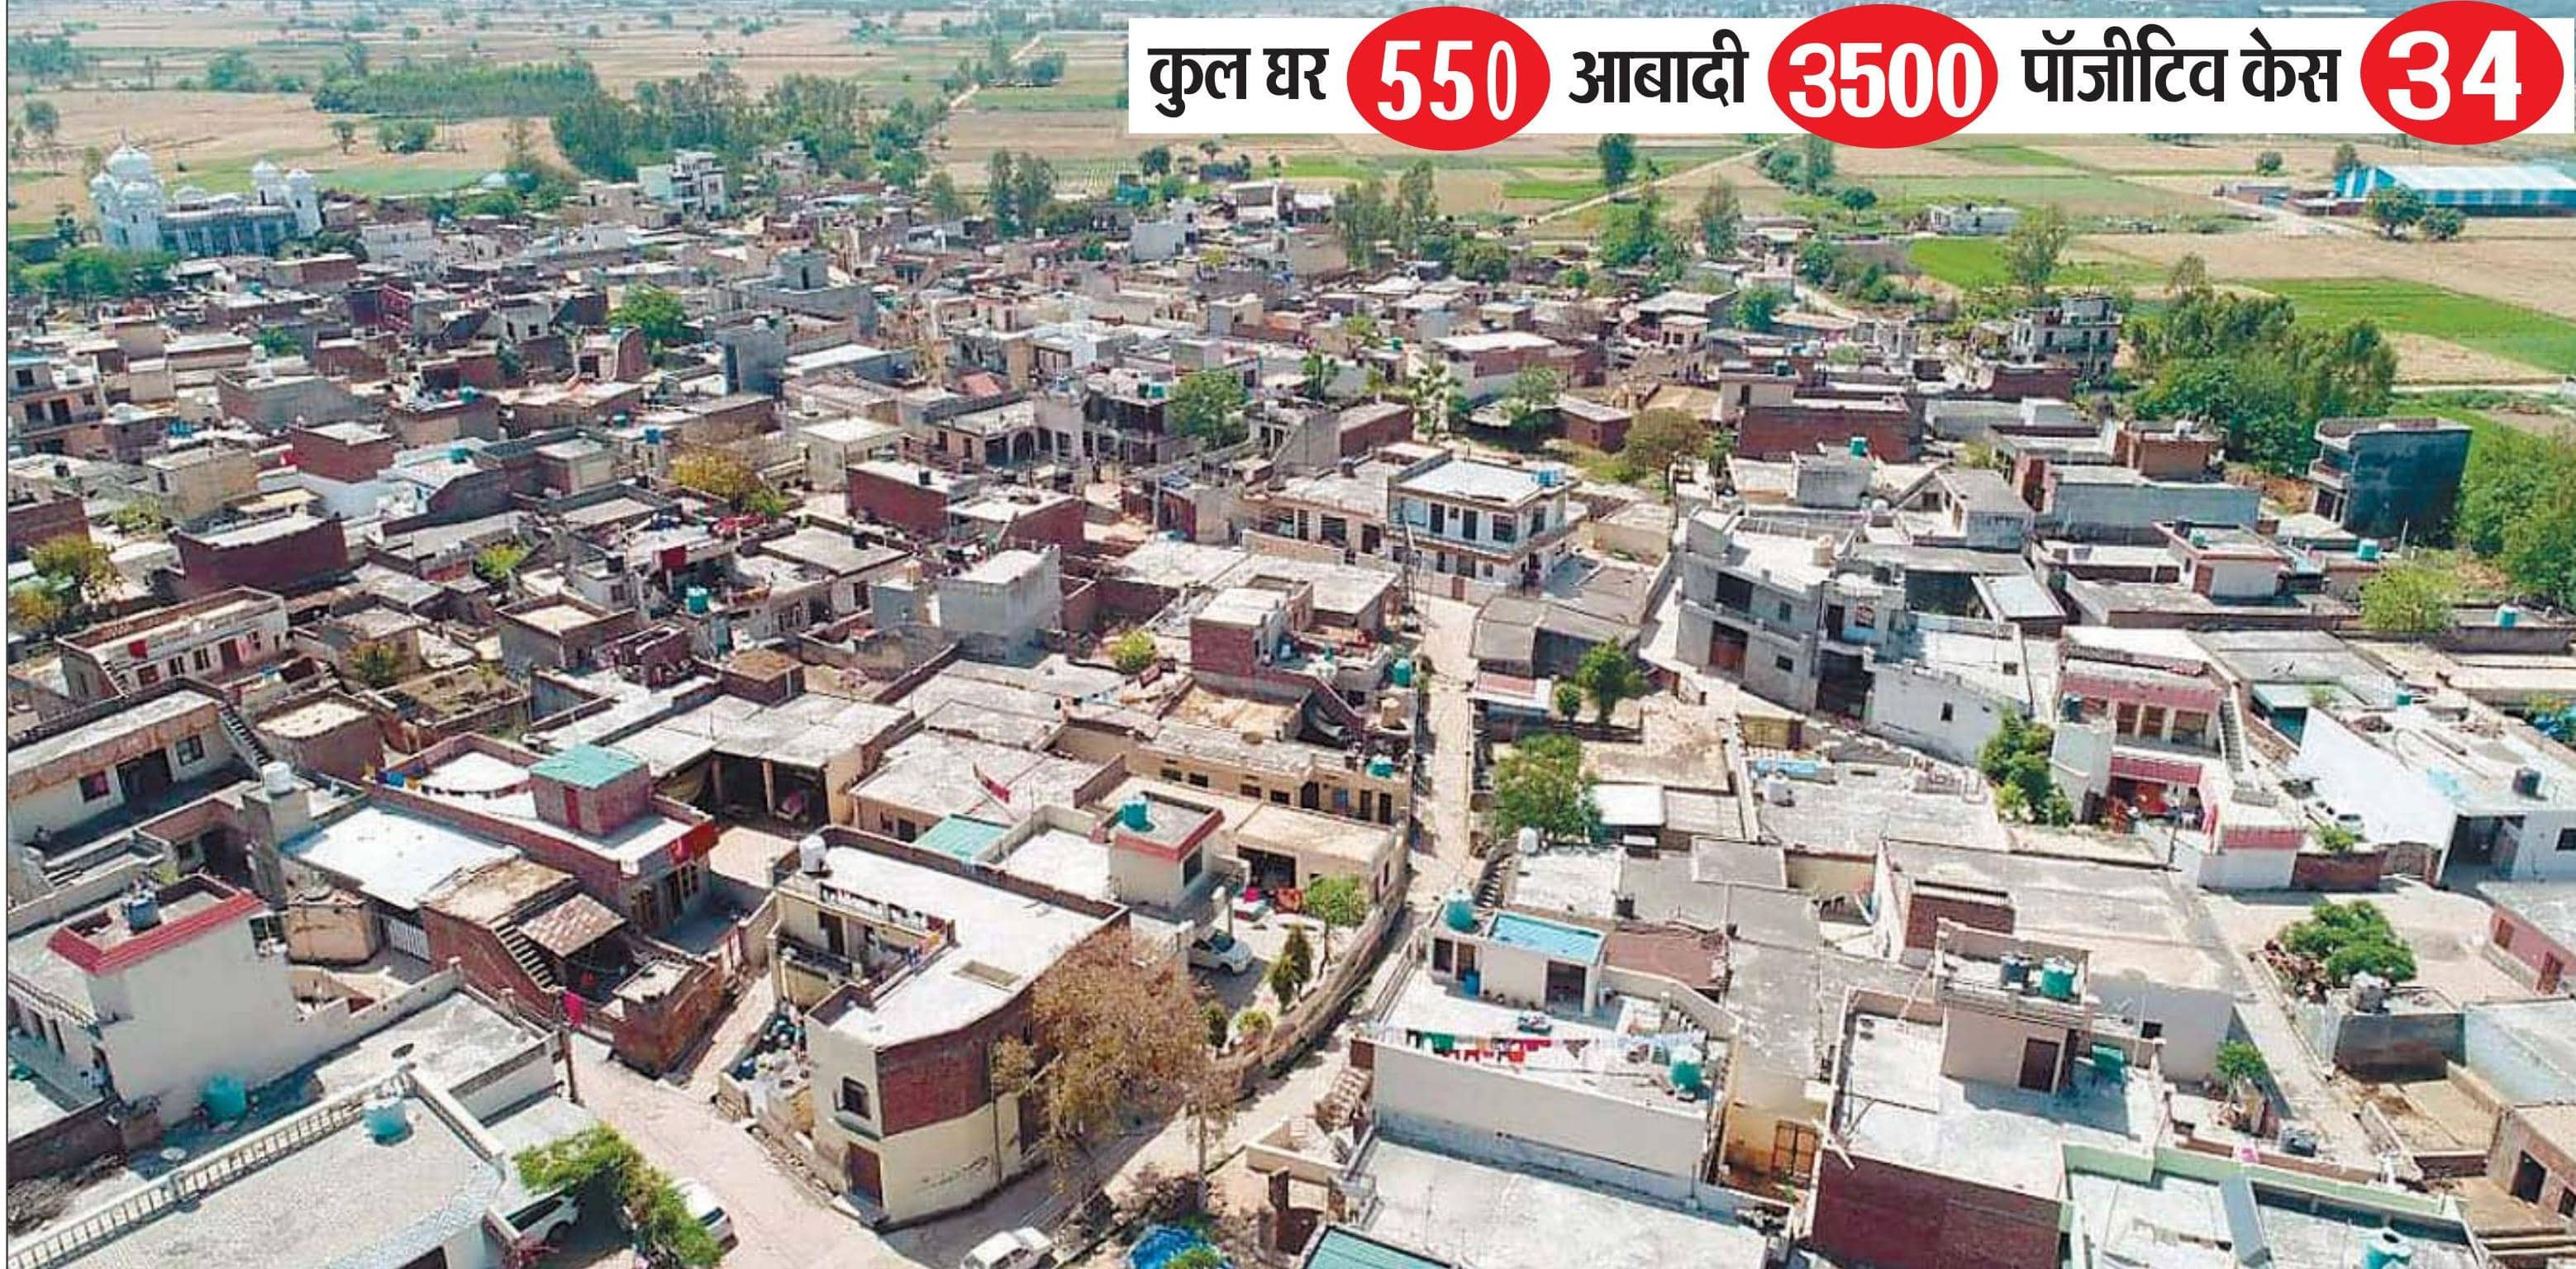 जमातियों कारण जवाहरपुर में मचा 'कोरोना कोहराम'